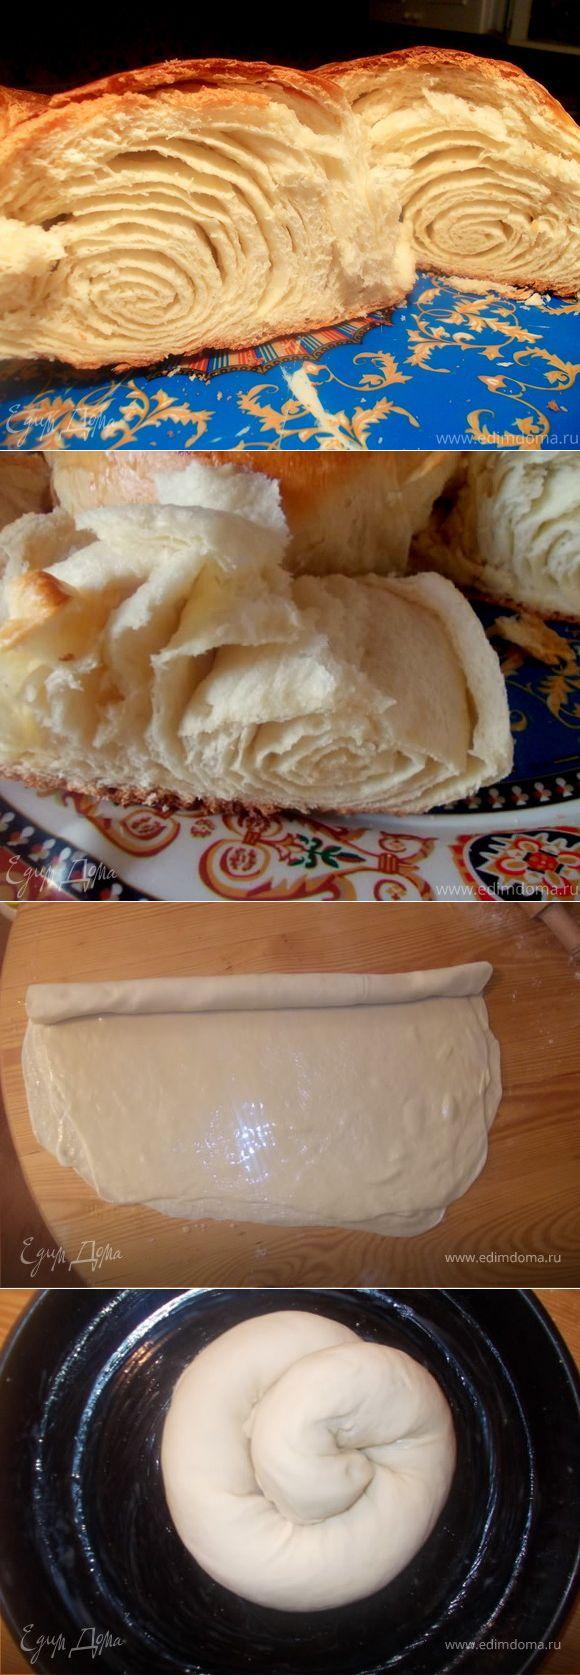 Пирог 'Флуто' | Официальный сайт кулинарных рецептов Юлии Высоцкой